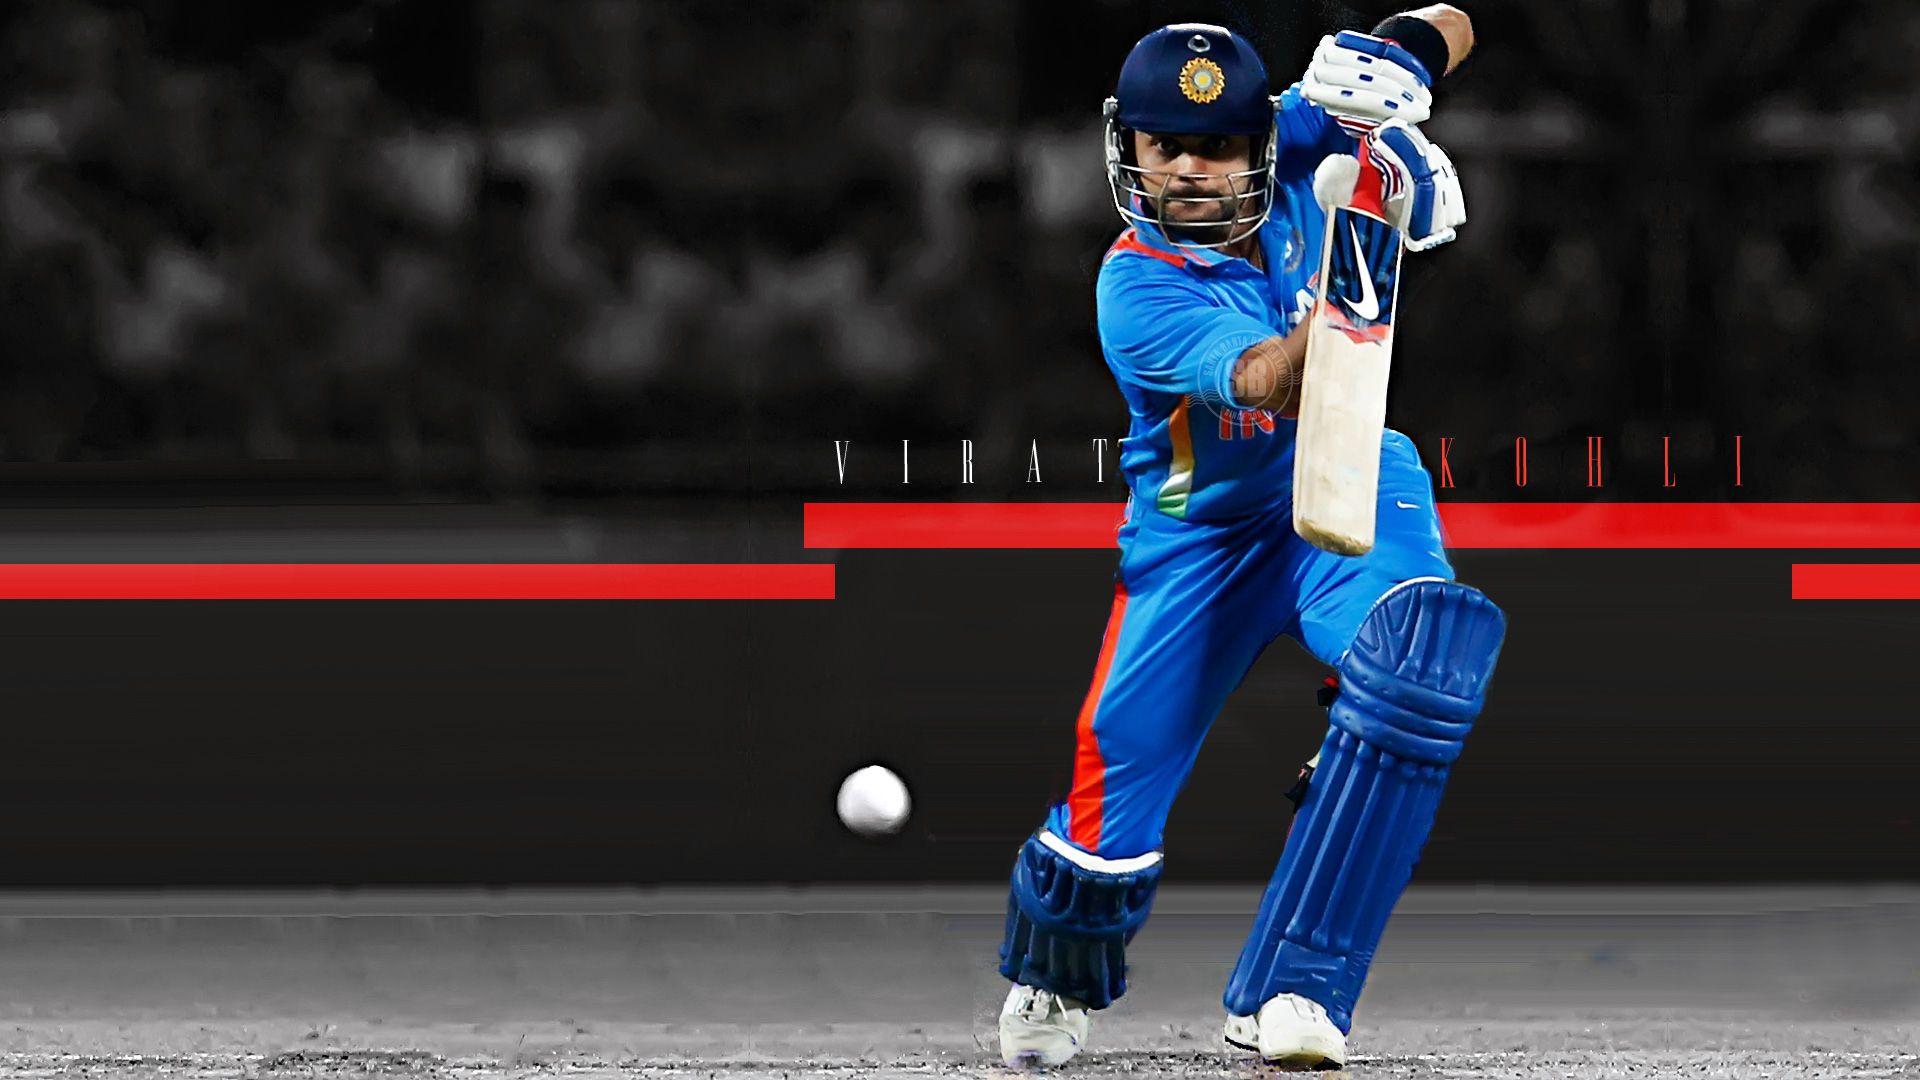 Hd wallpaper cricket - Virat Kohli Winning Super Shot Hd Wallpaper Virat Kohil Pinterest Virat Kohli